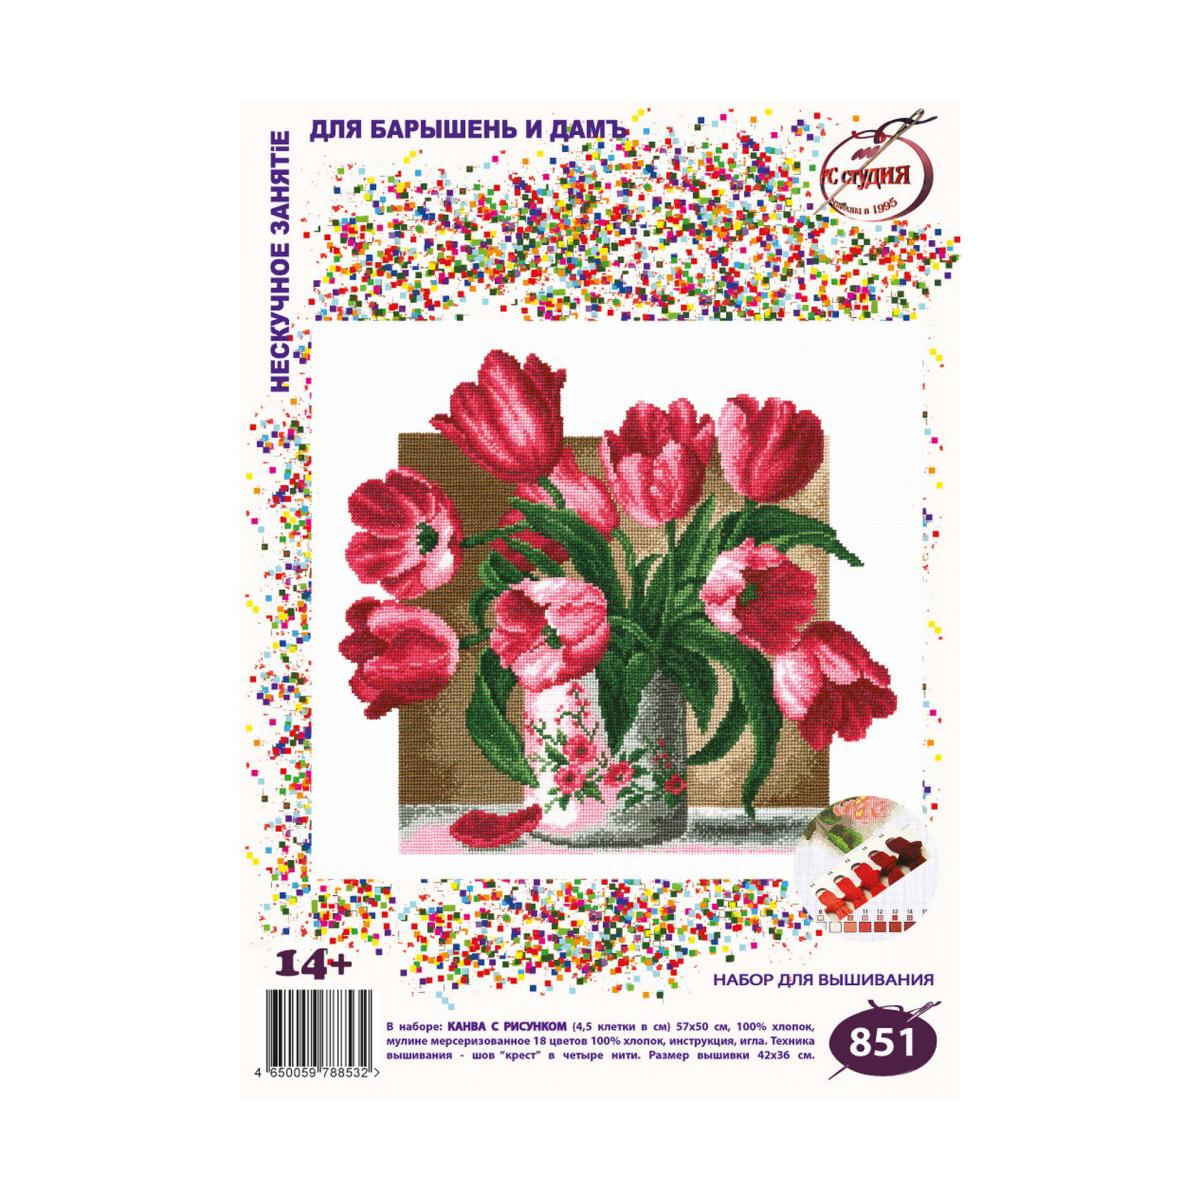 Набор для вышивания РС-Студия Тюльпаны, 42 см х 36 см. 851547598